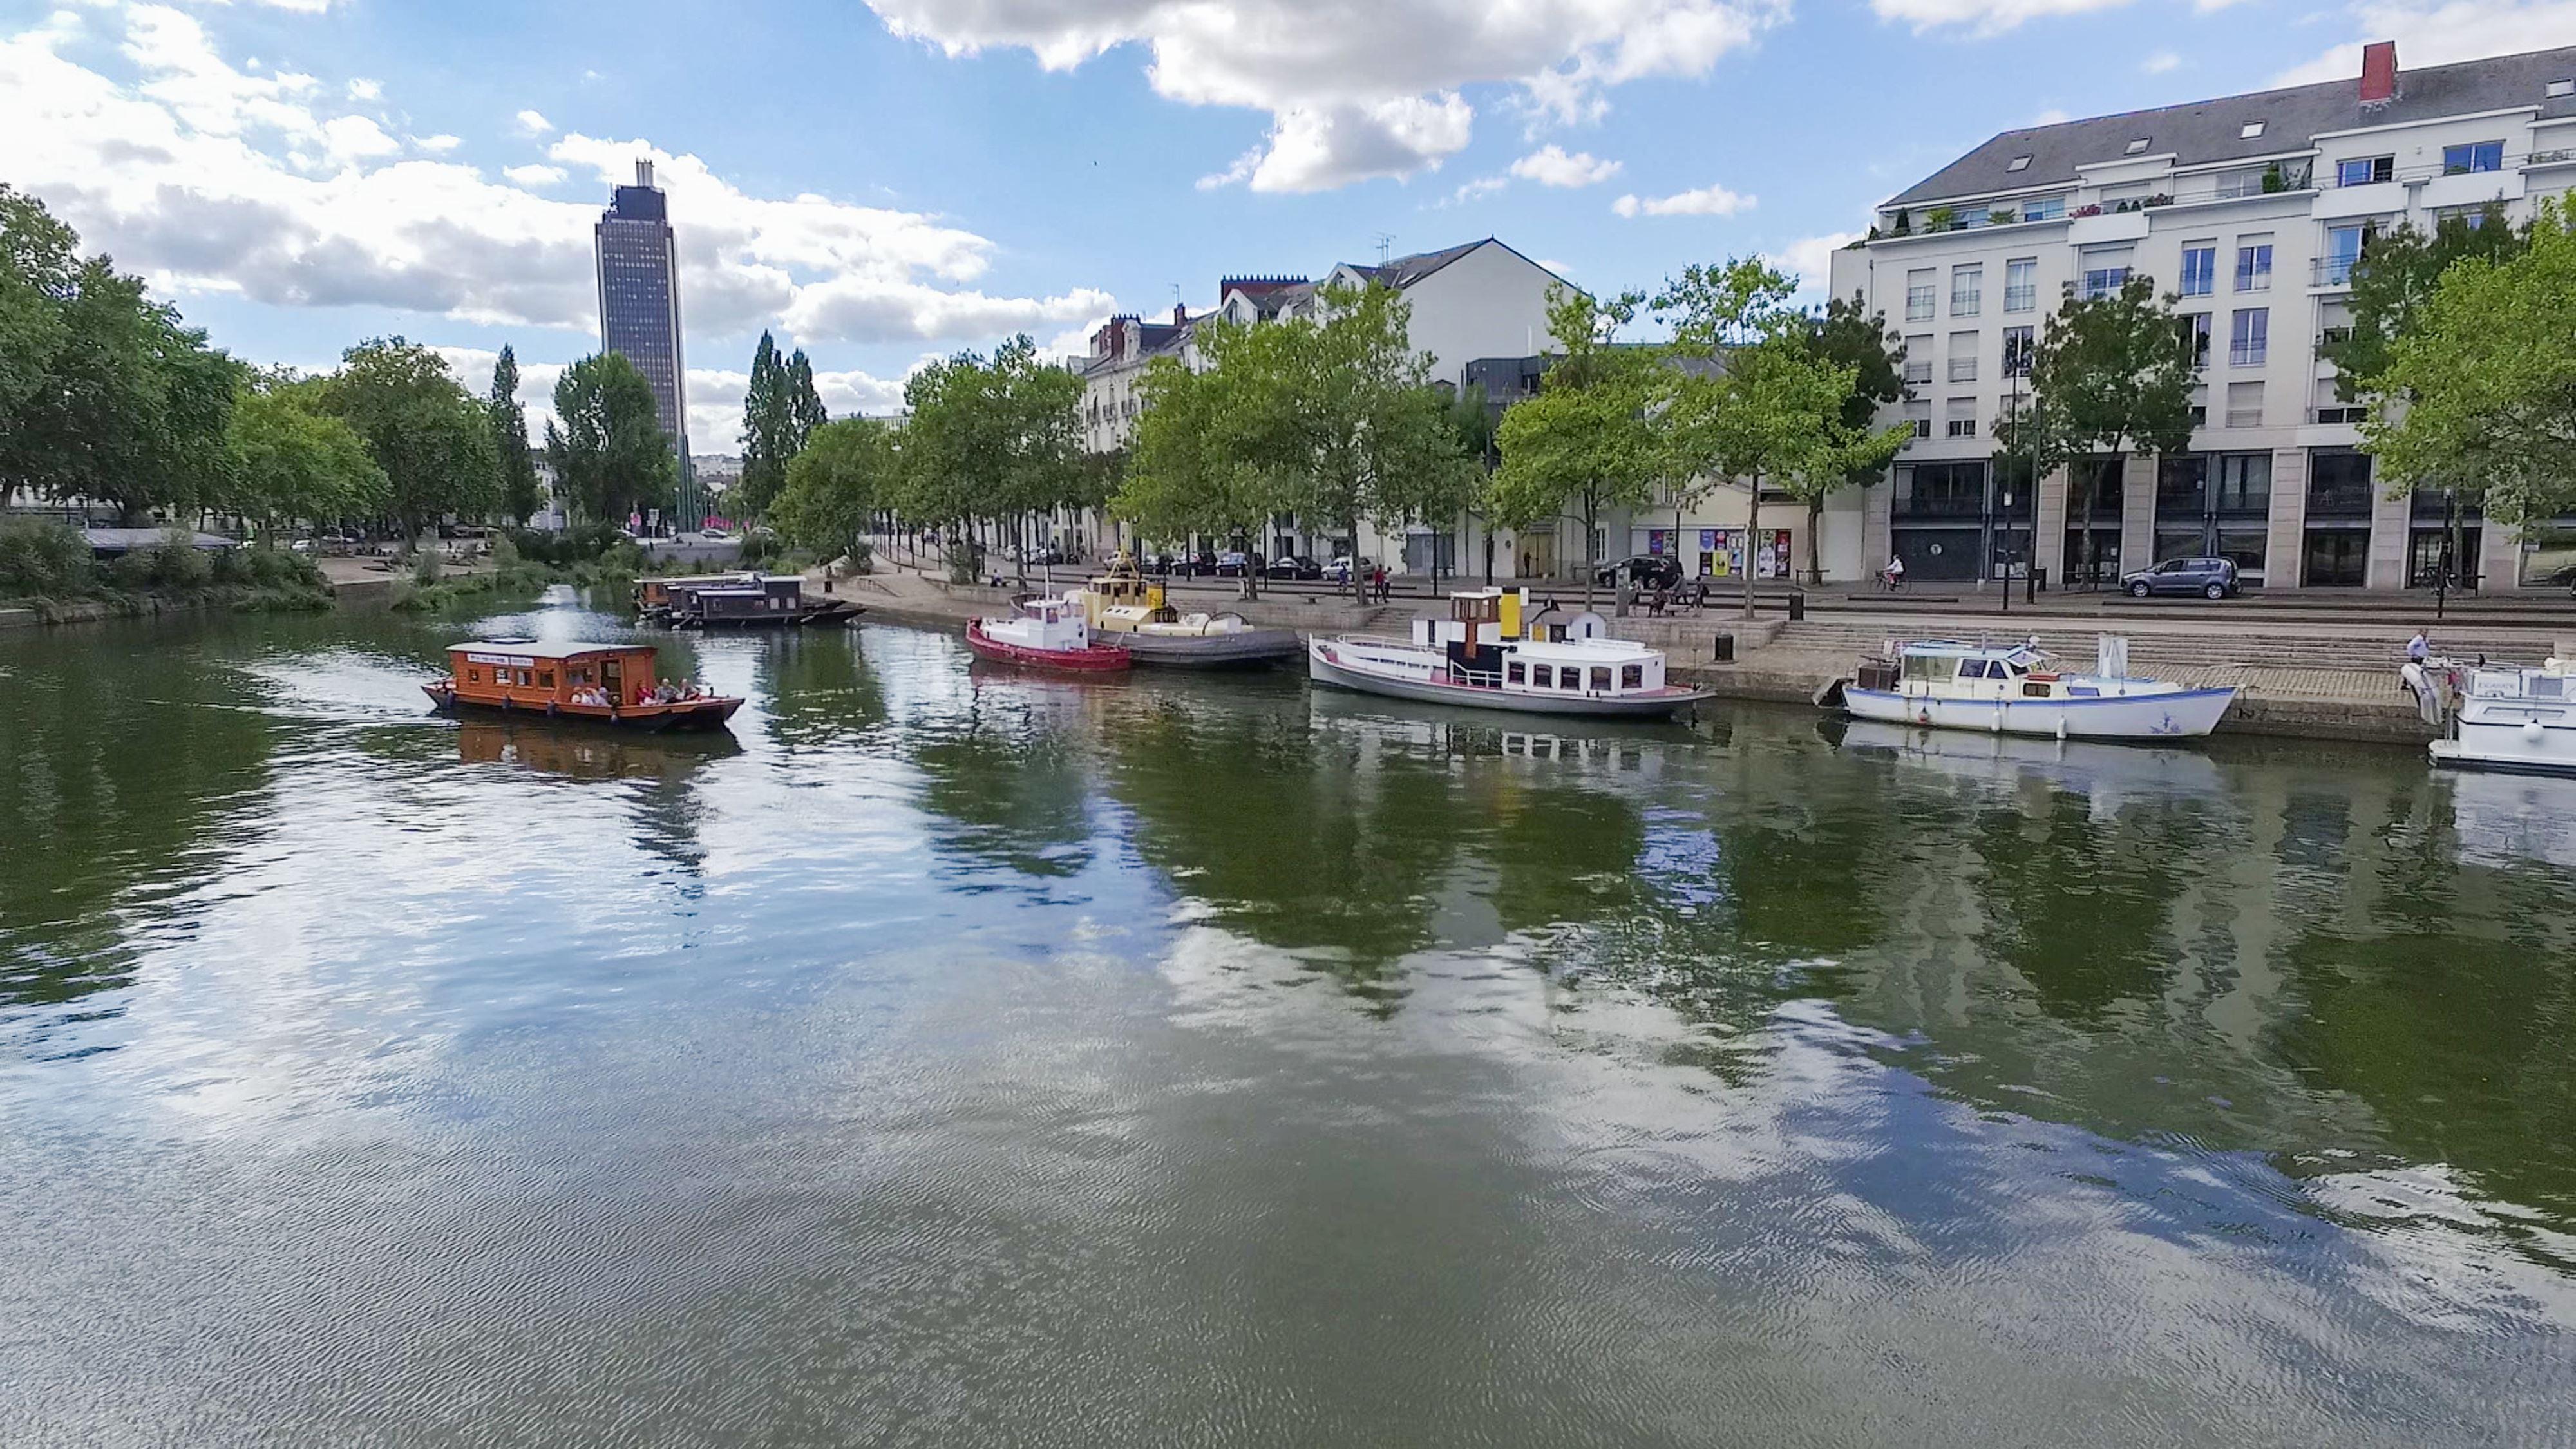 La Toue de Nantes sur L'Erdre et la Loire - Balade